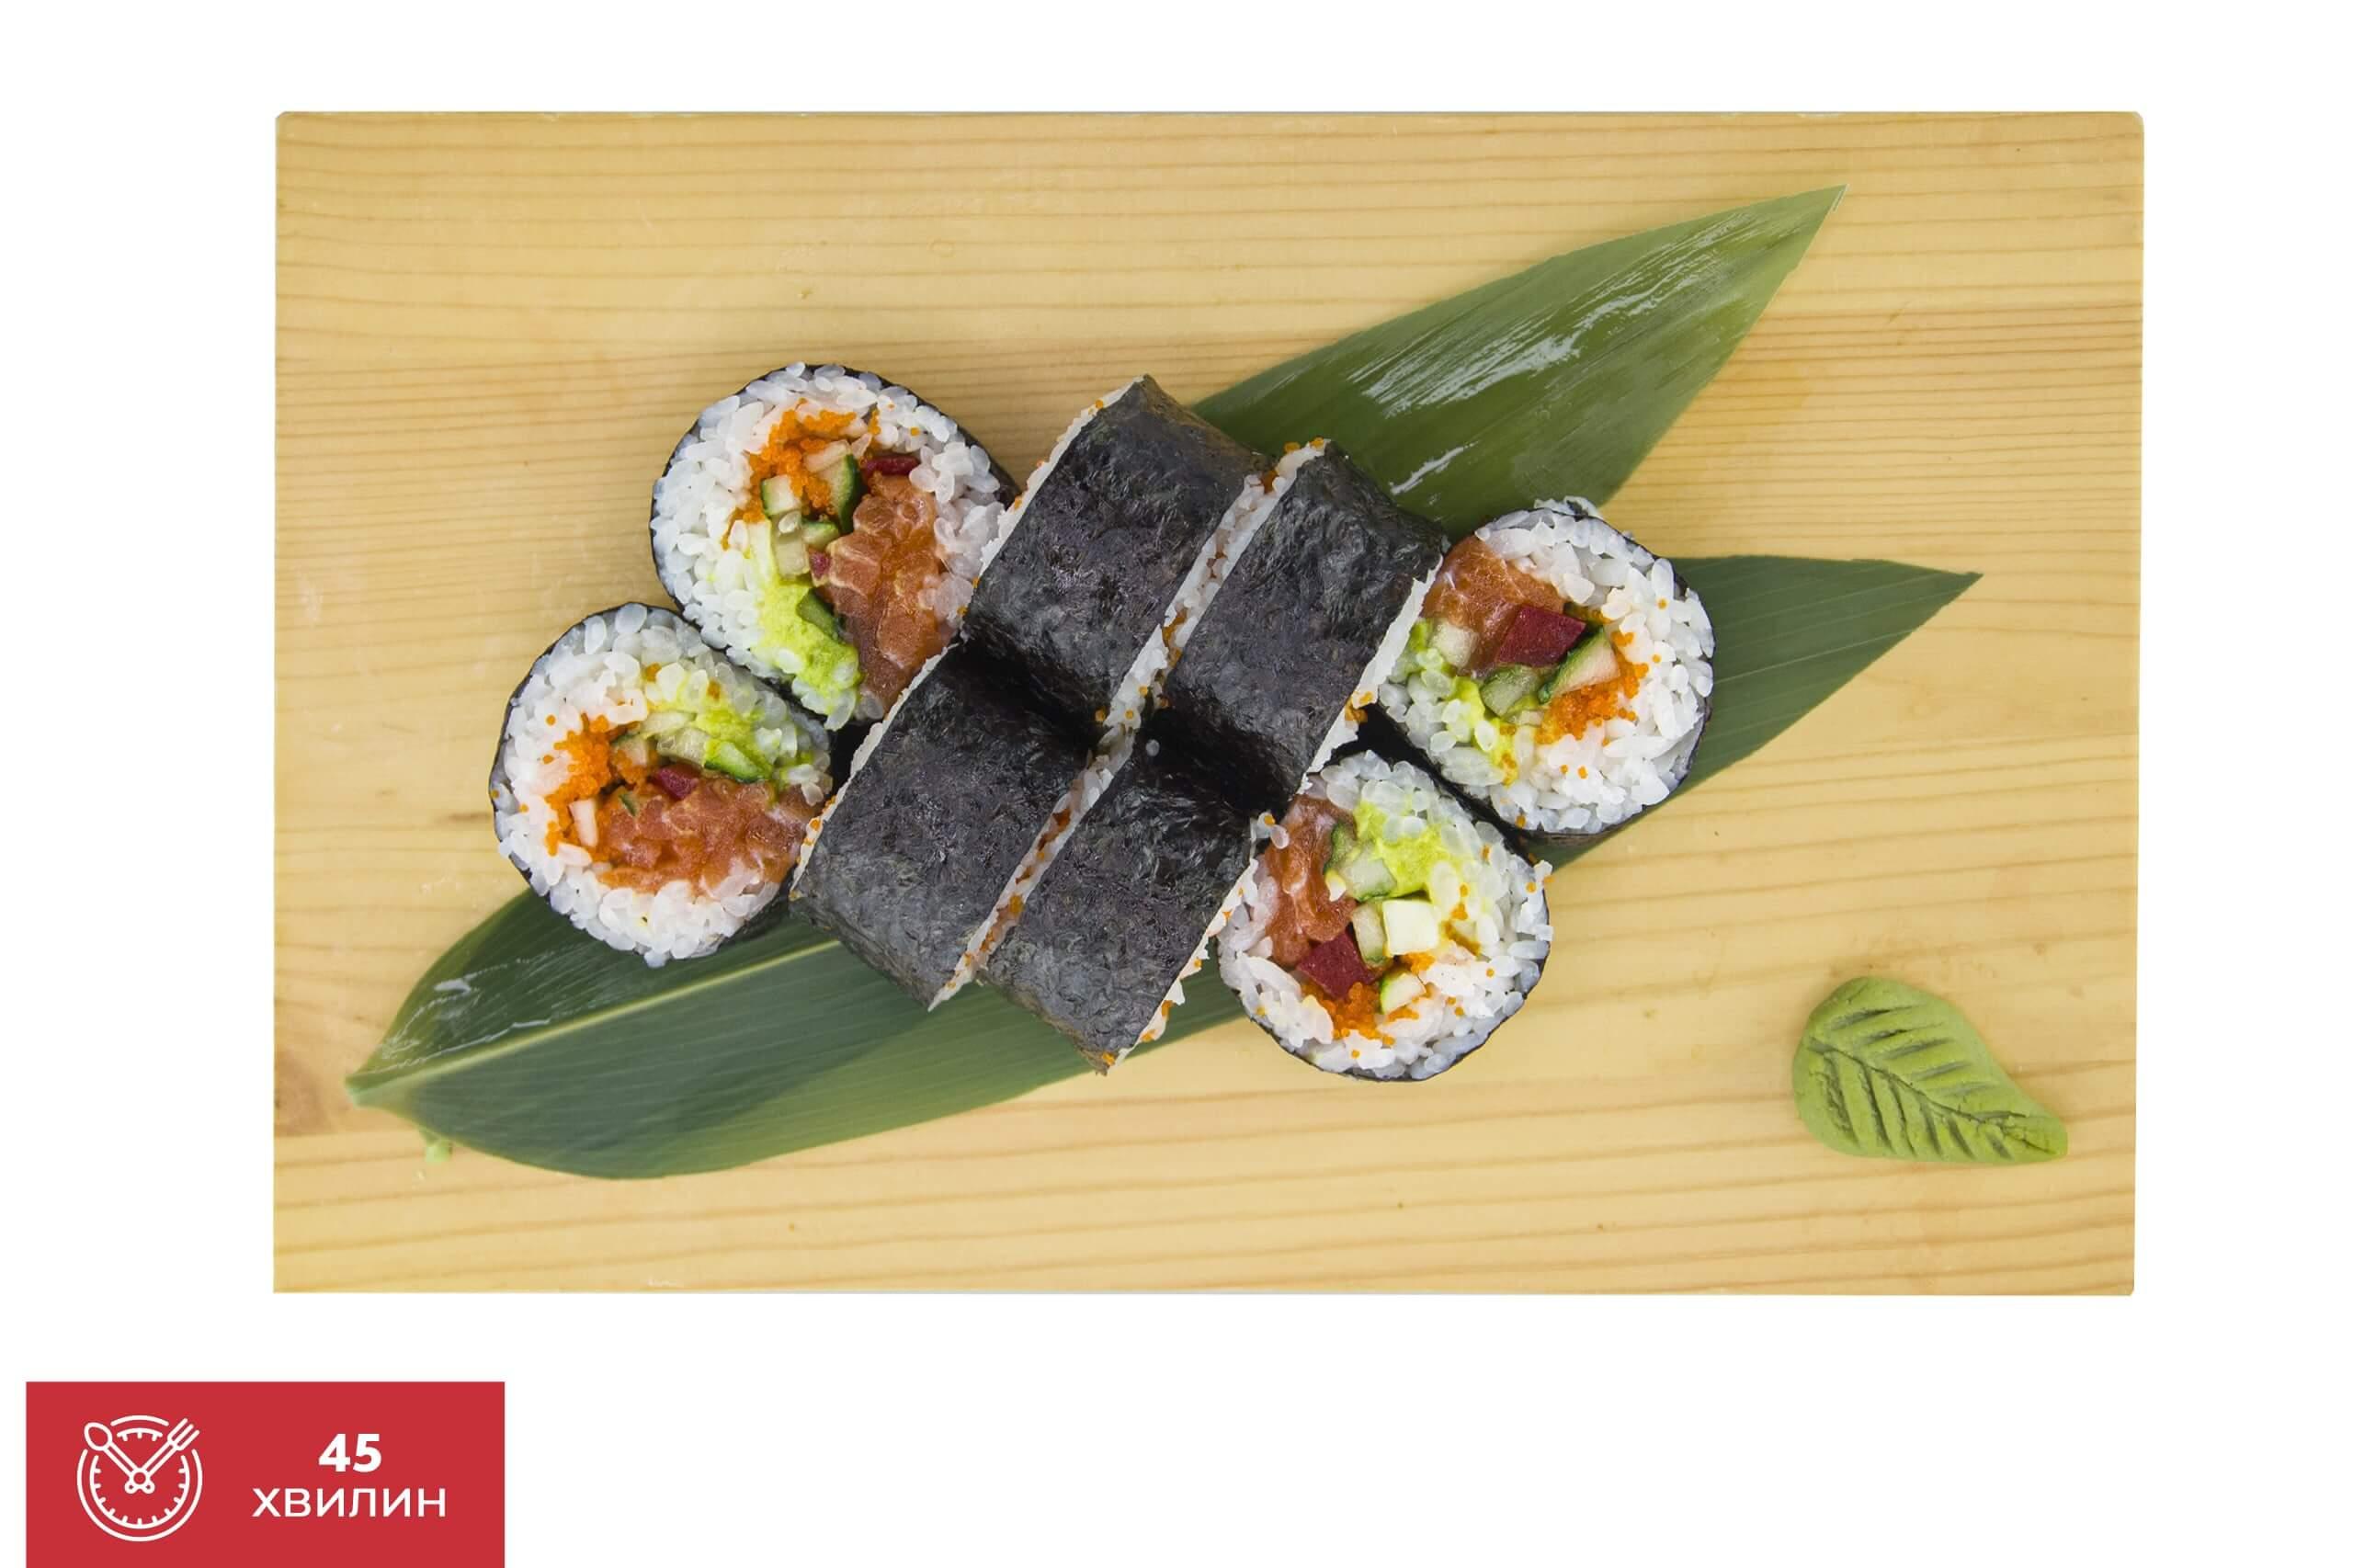 Рецепт футомакі з лососем від Katana